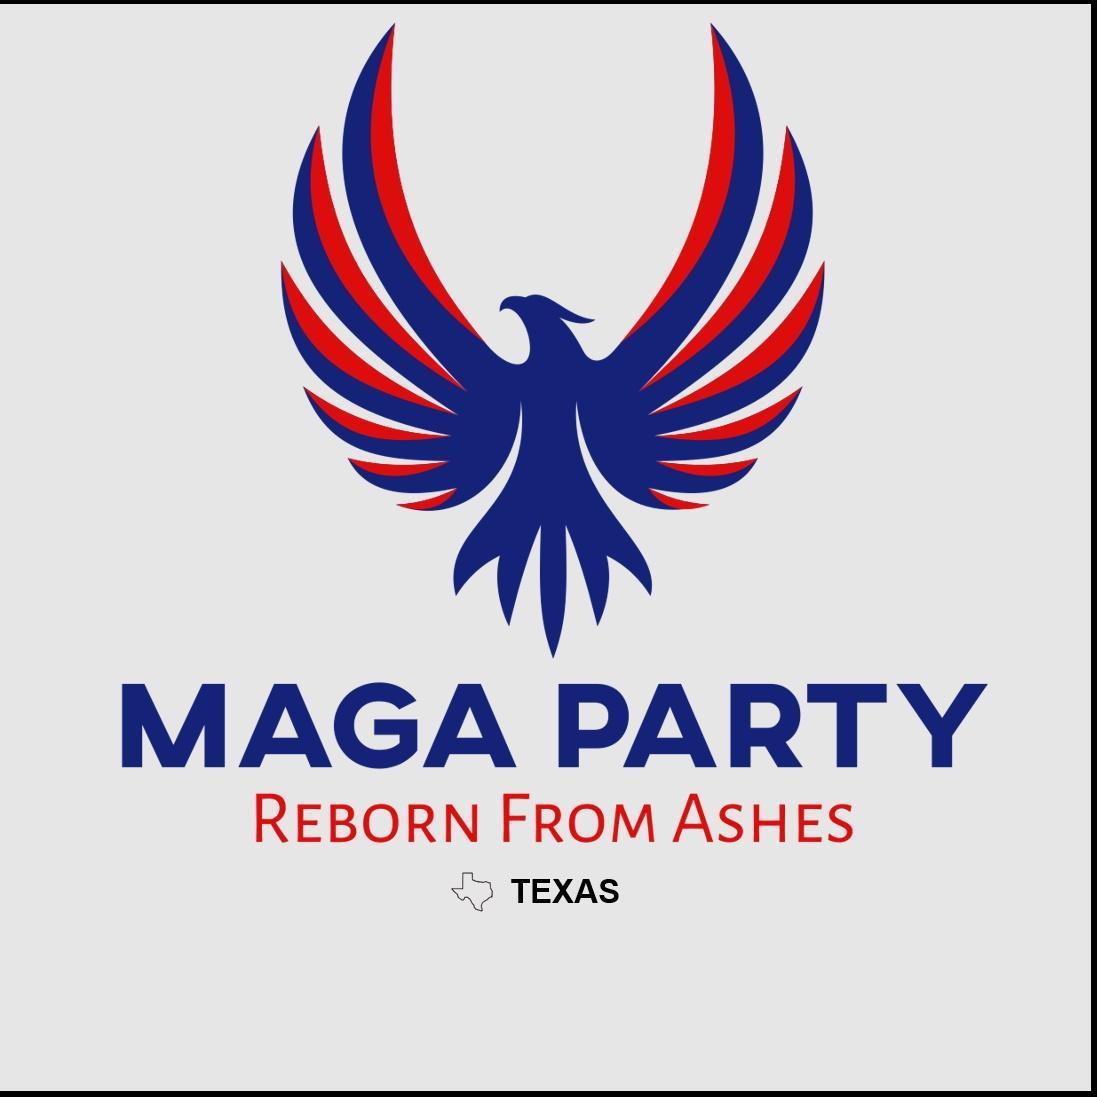 Texas MAGA Party